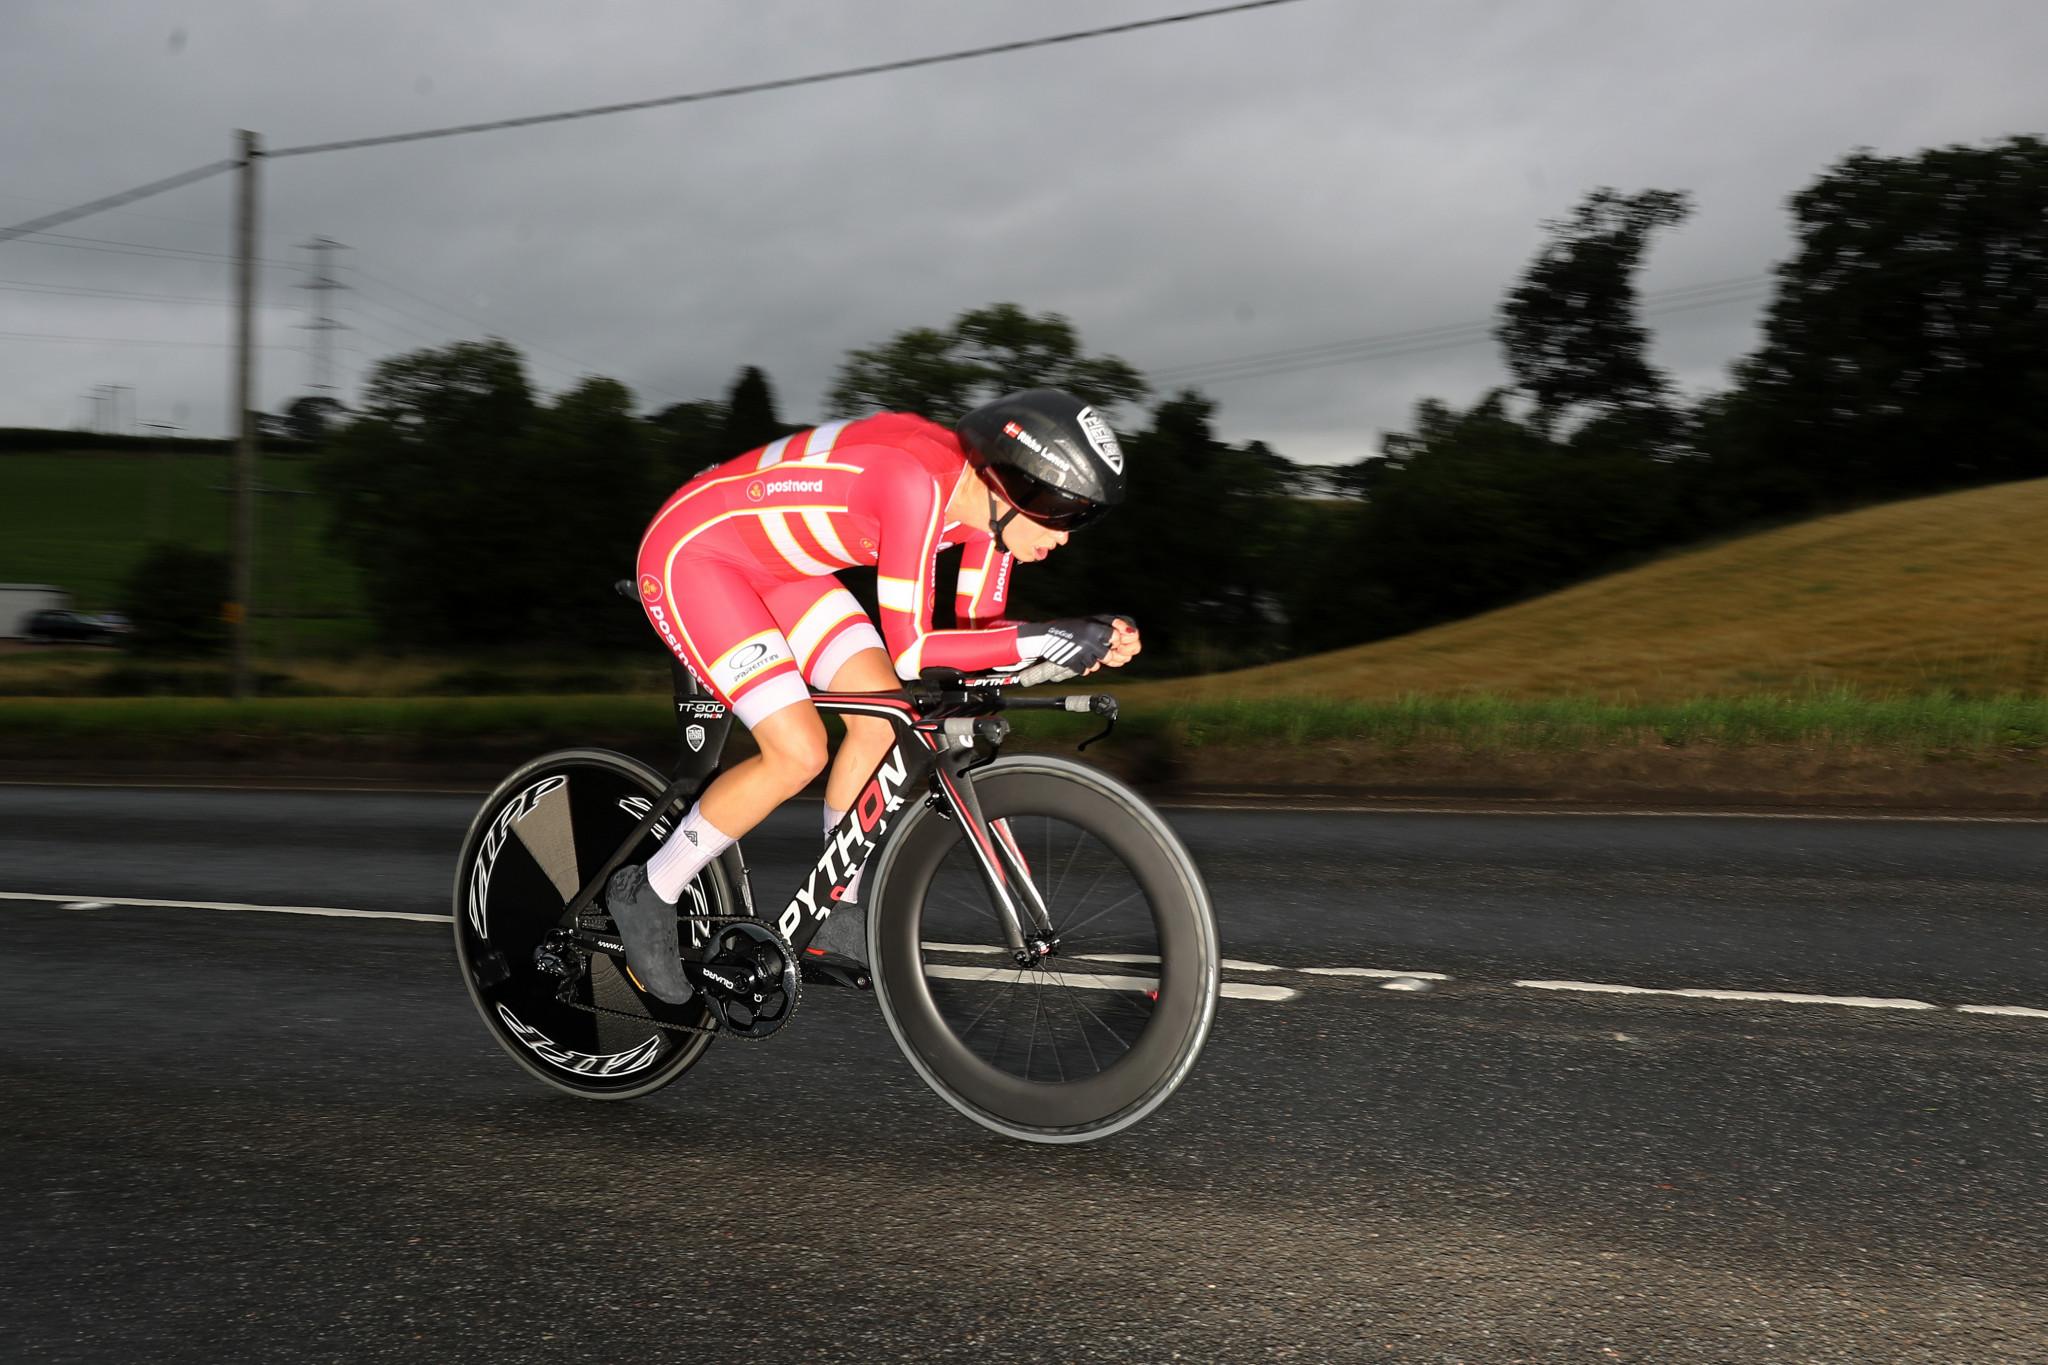 Le cyclisme fait partie des sports qui devraient figurer dans la Semaine DM © Getty Images